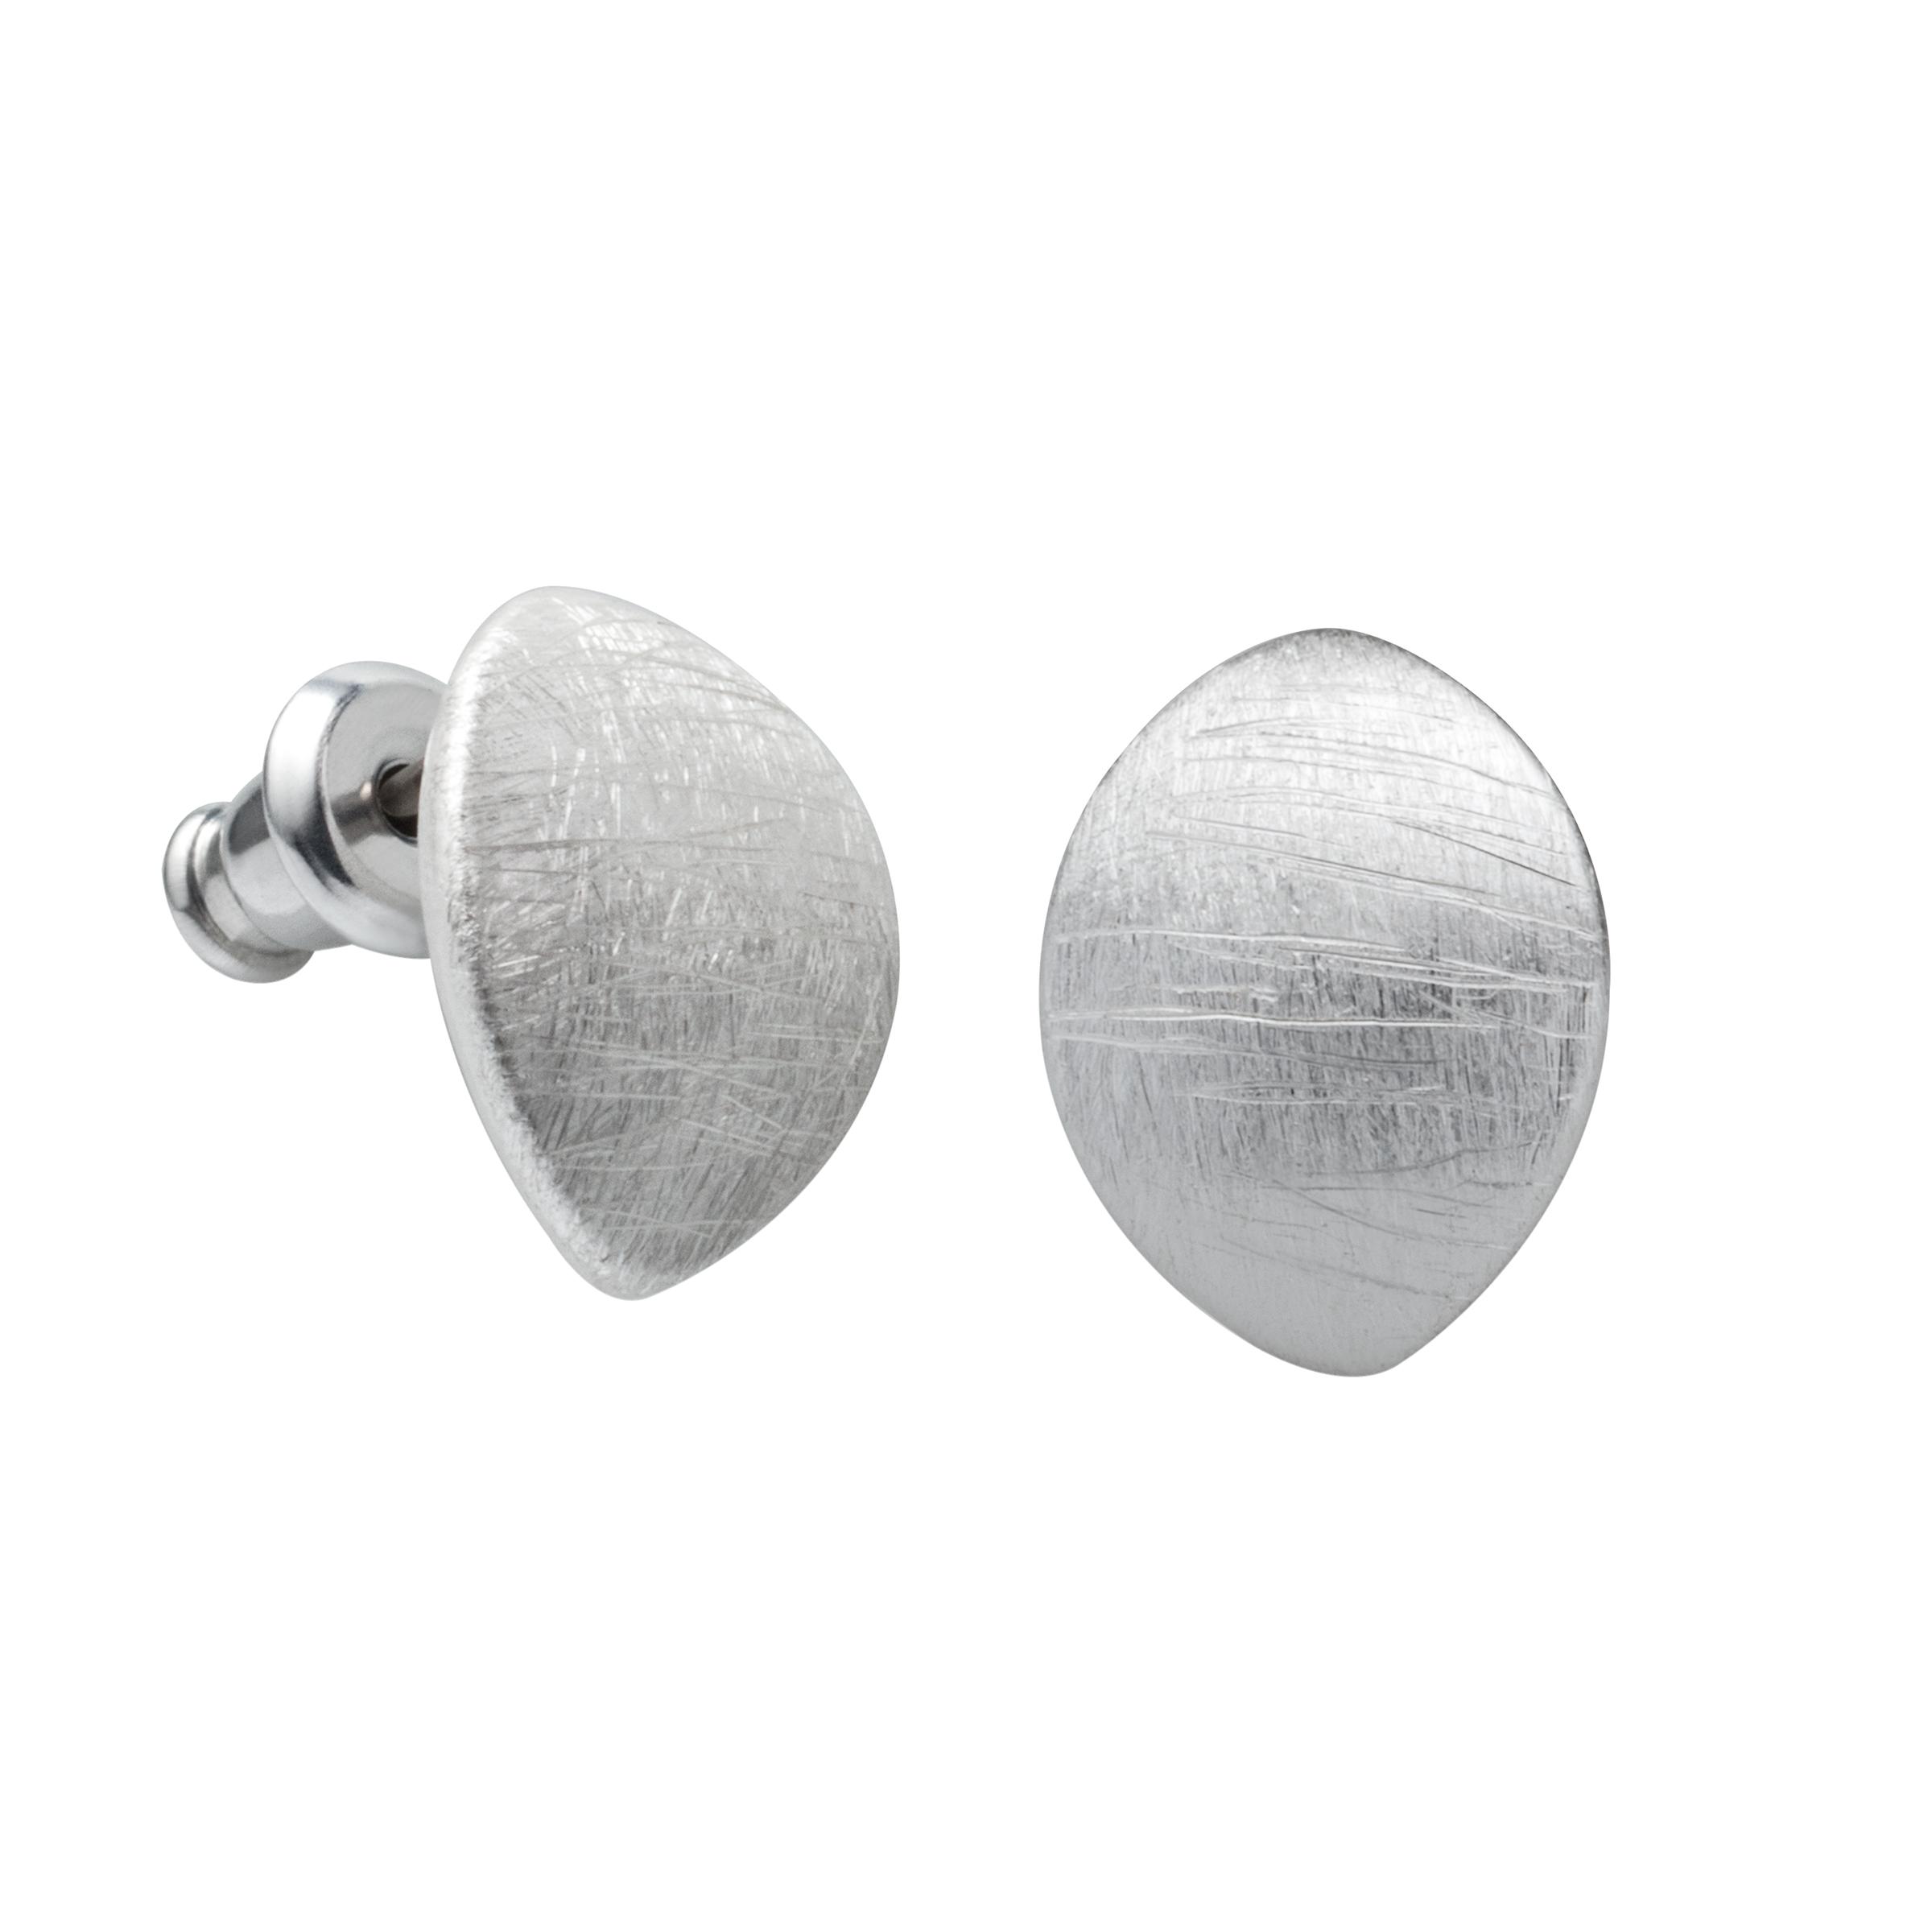 Einfache Echt 925 Silber Gebürstete Hexe Stimmung Ohrstecker für Mädchen Schmuck